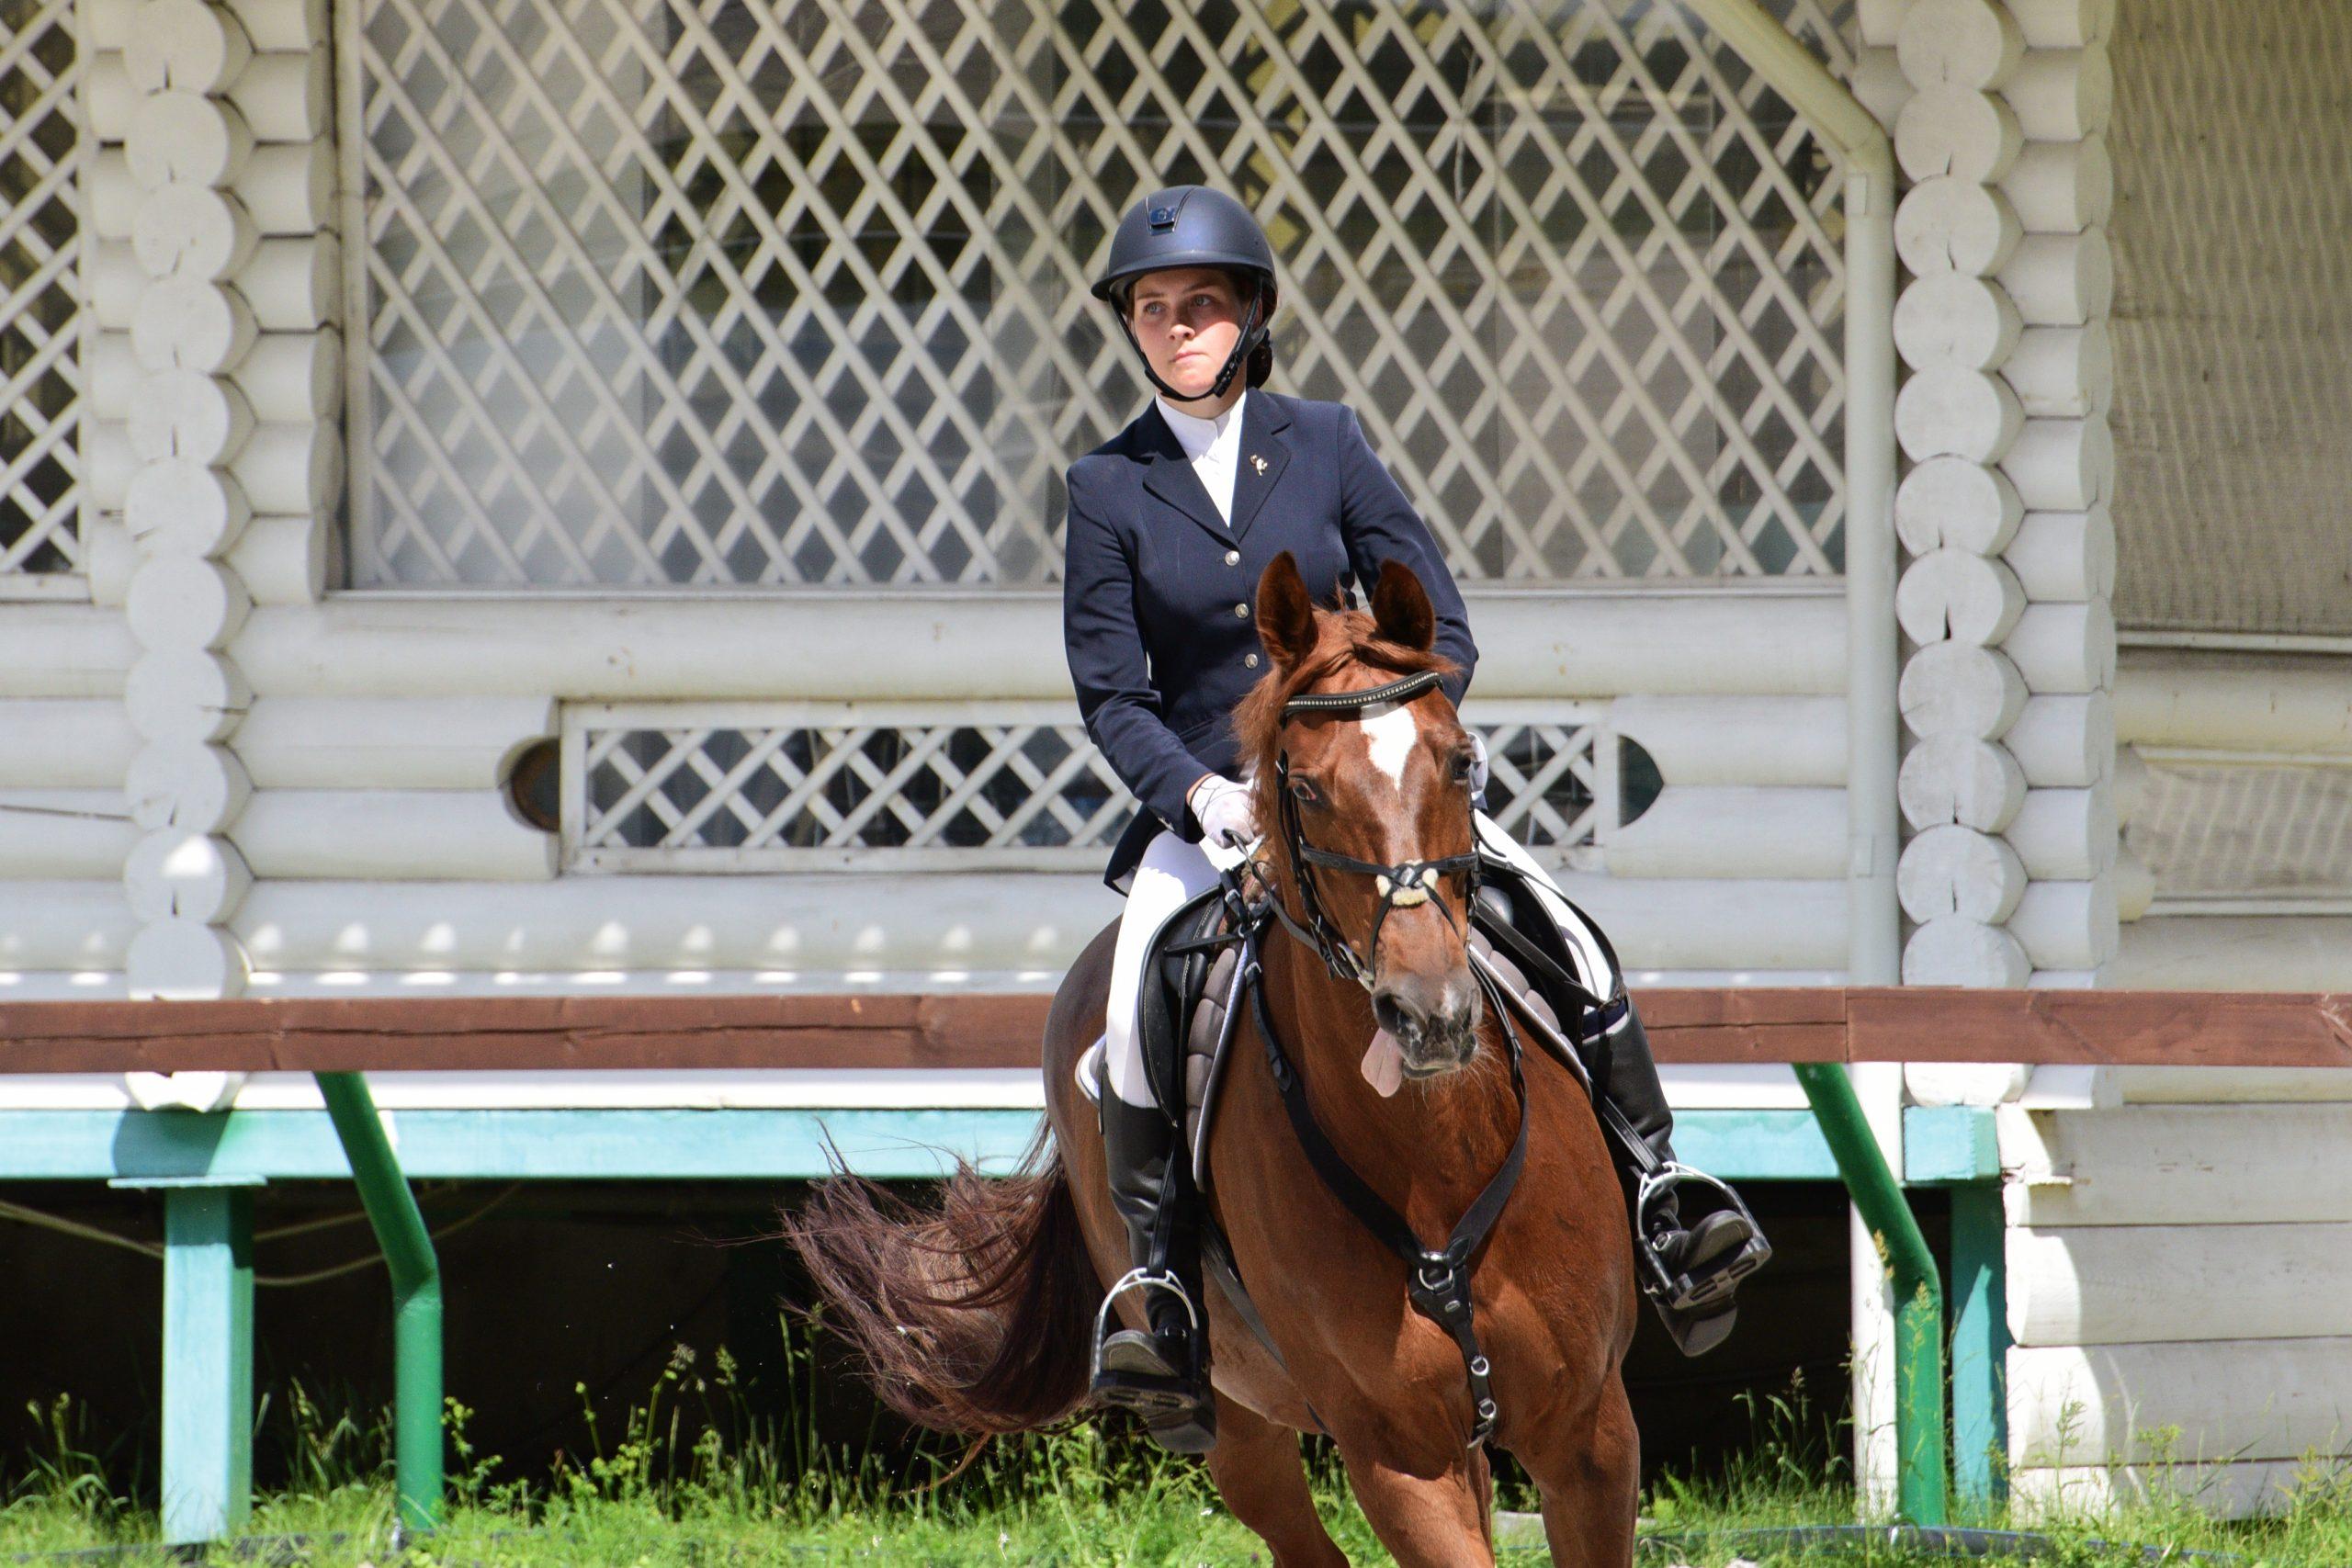 Открытый кубок по конному спорту пройдет в Москве. Фото: Пелагия Замятина, «Вечерняя Москва»